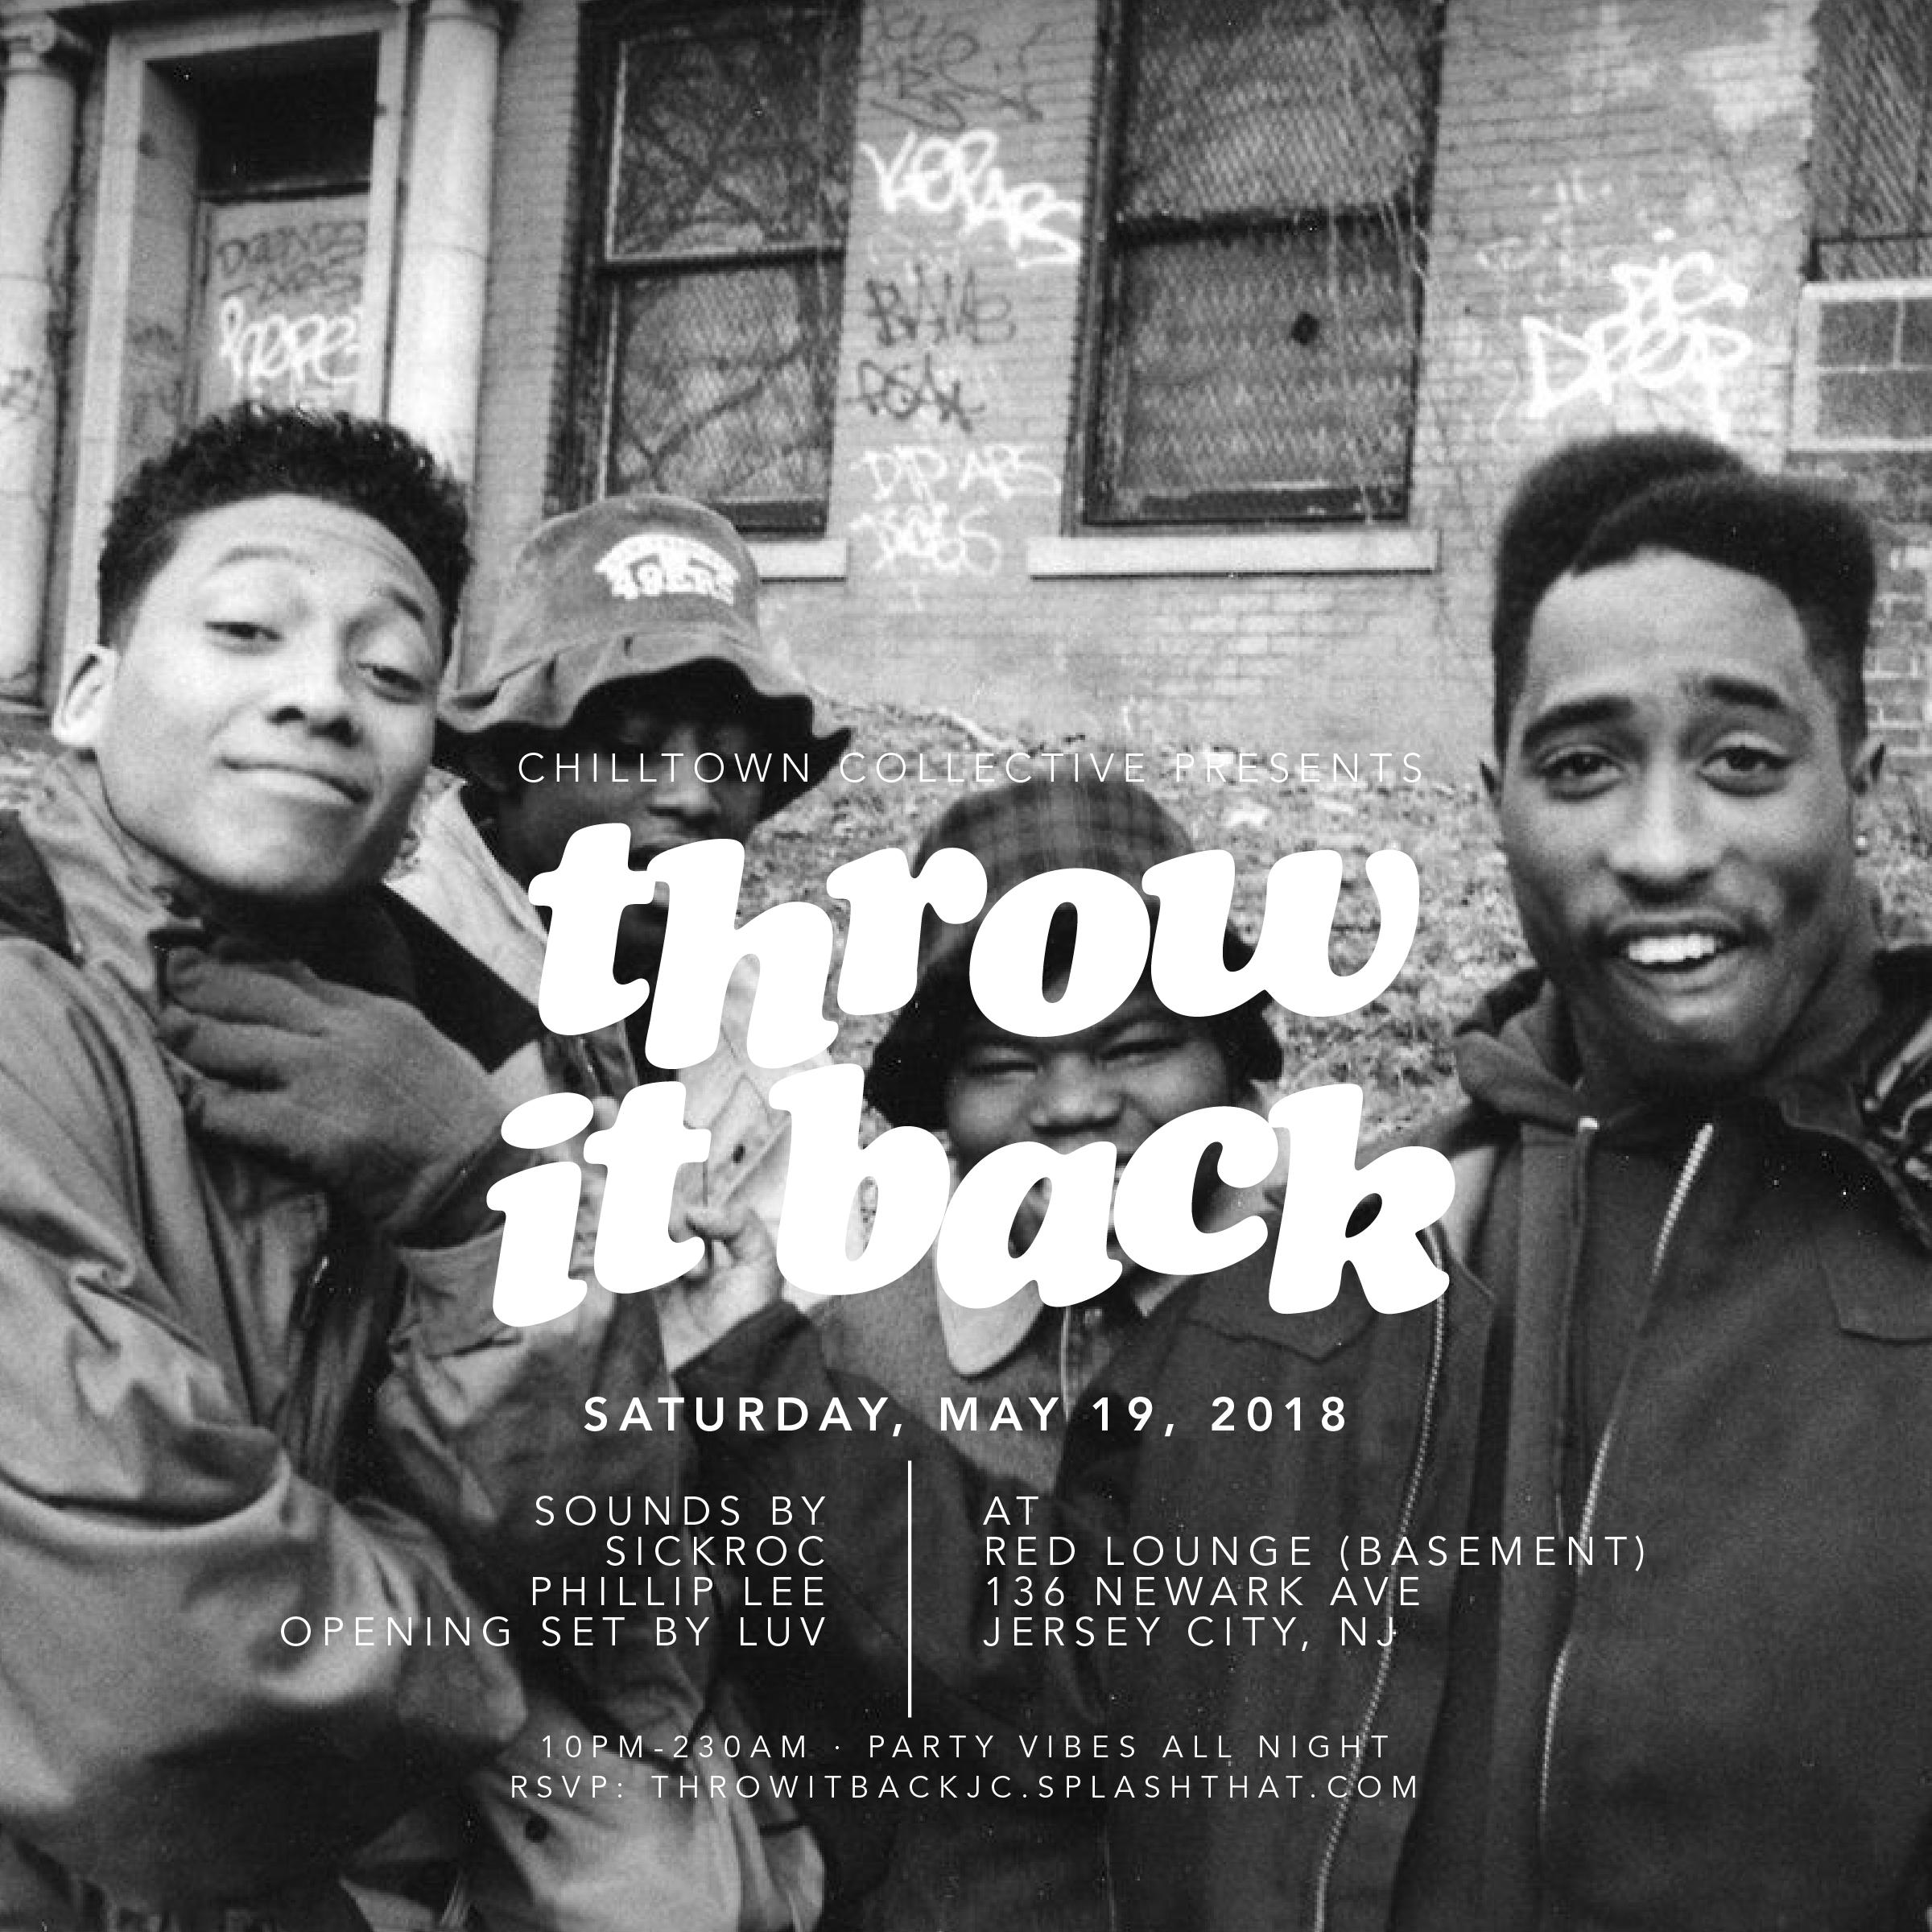 throwitback_may2018-01.jpg